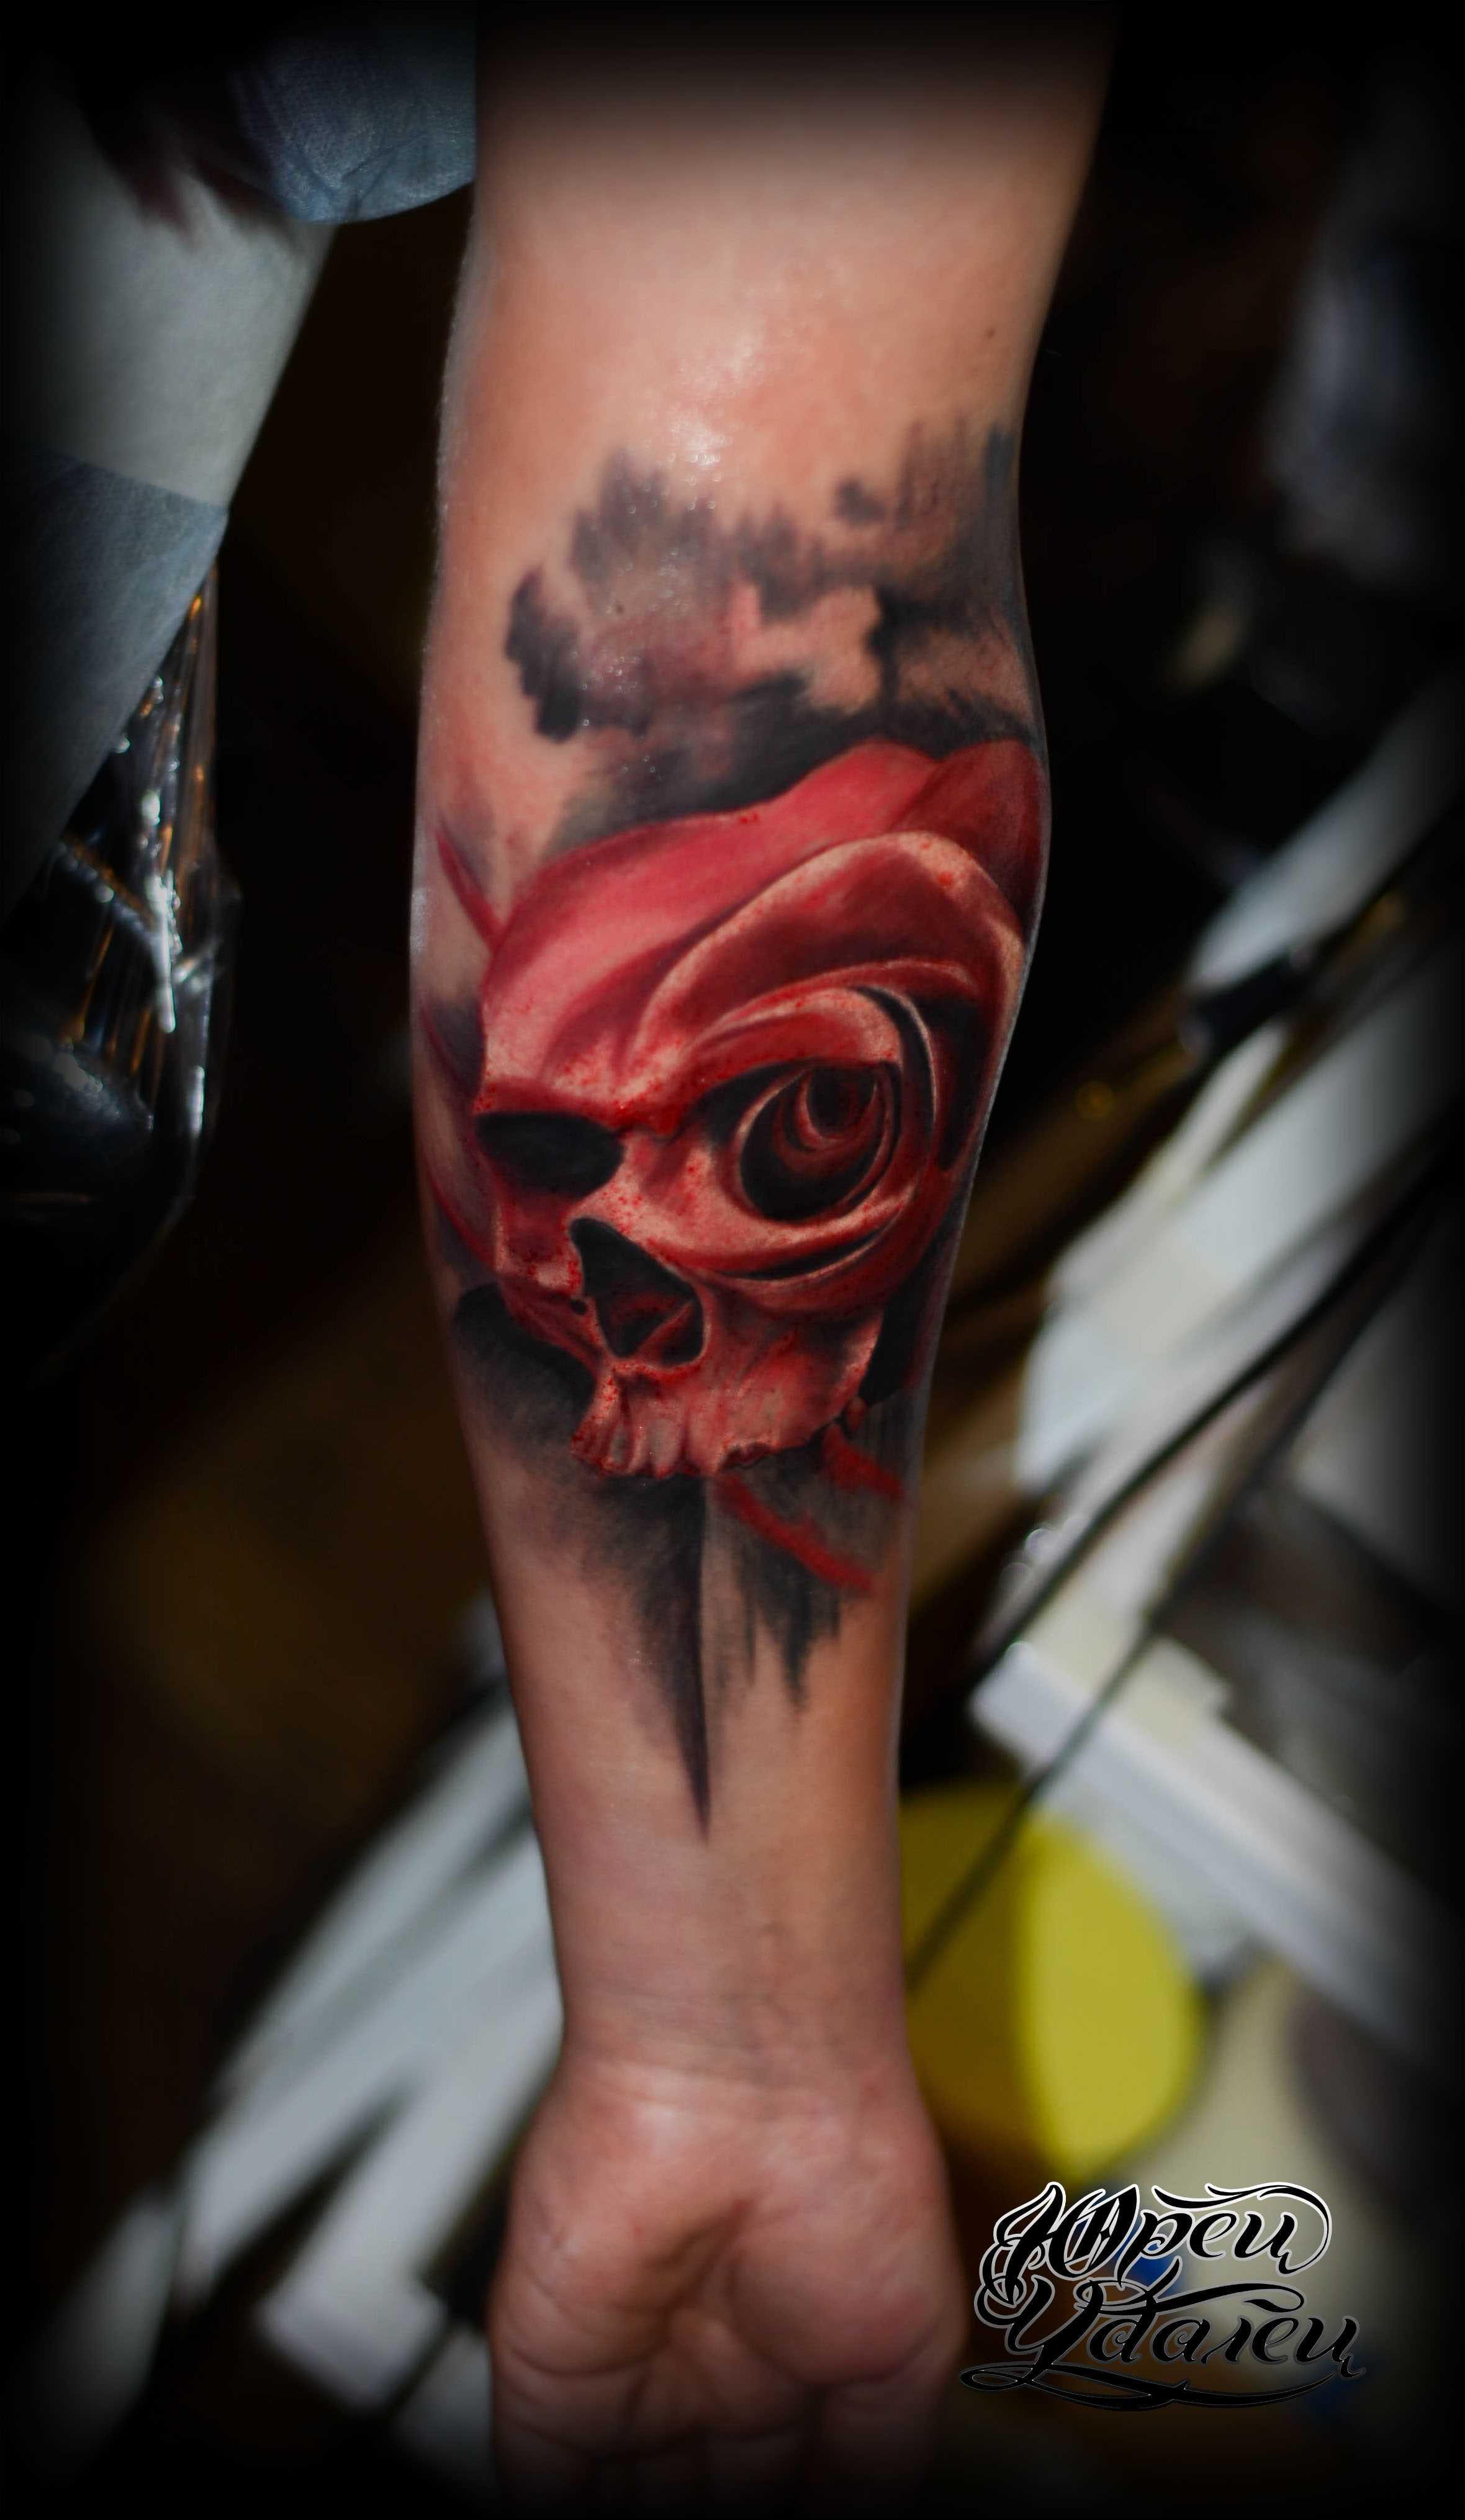 Tatuagem no antebraço do cara - caveira vermelha